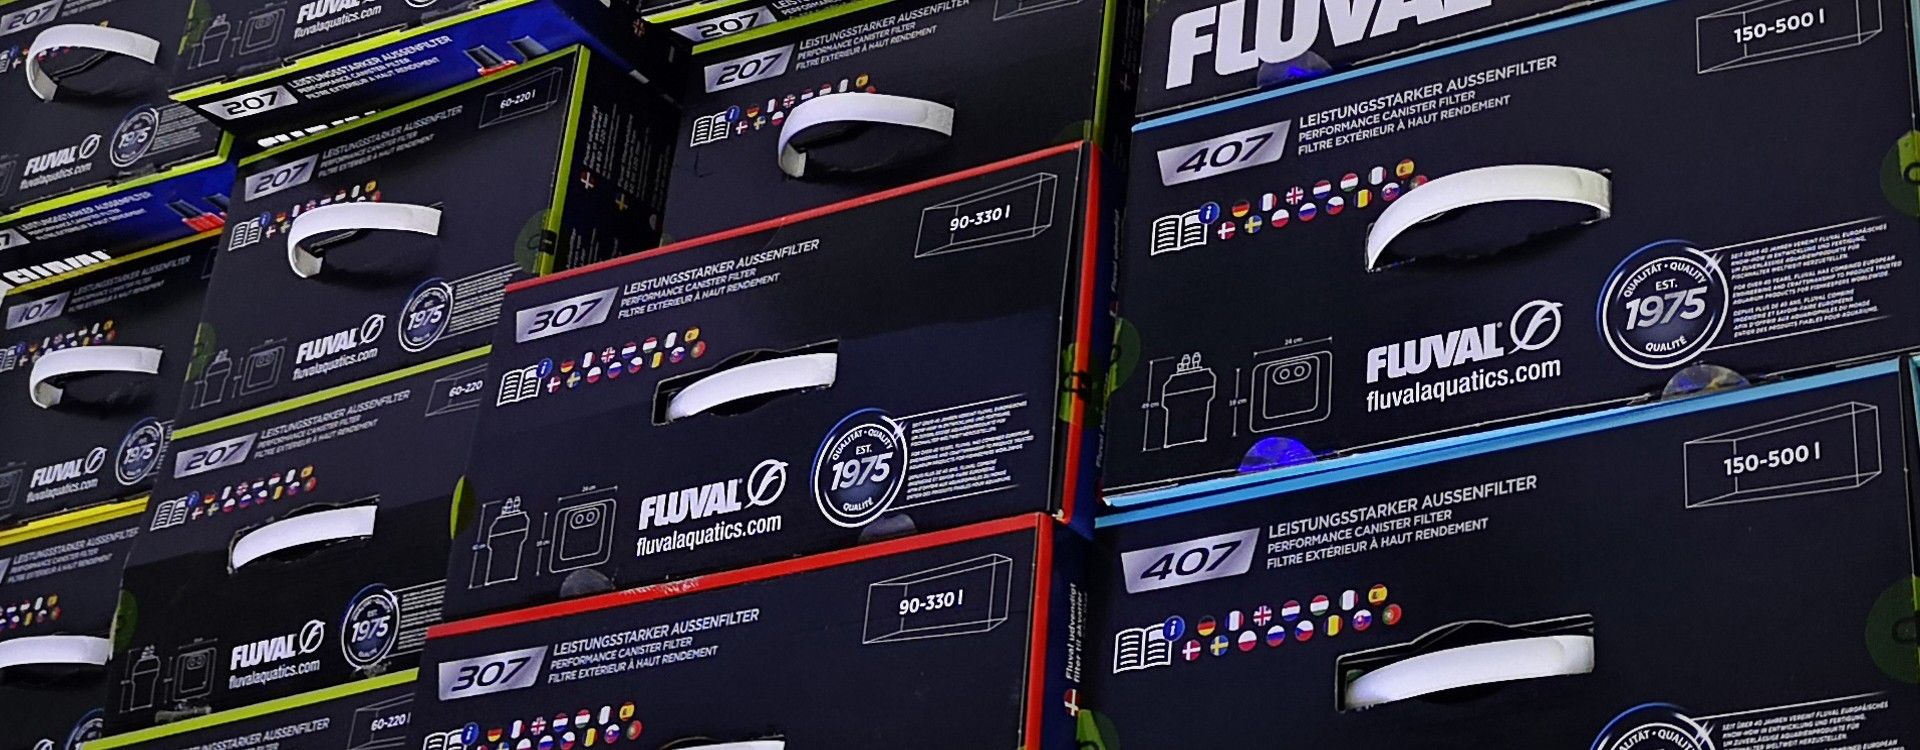 Filtracja w akwarium czyli jaki filtr wybrać do akwarium?